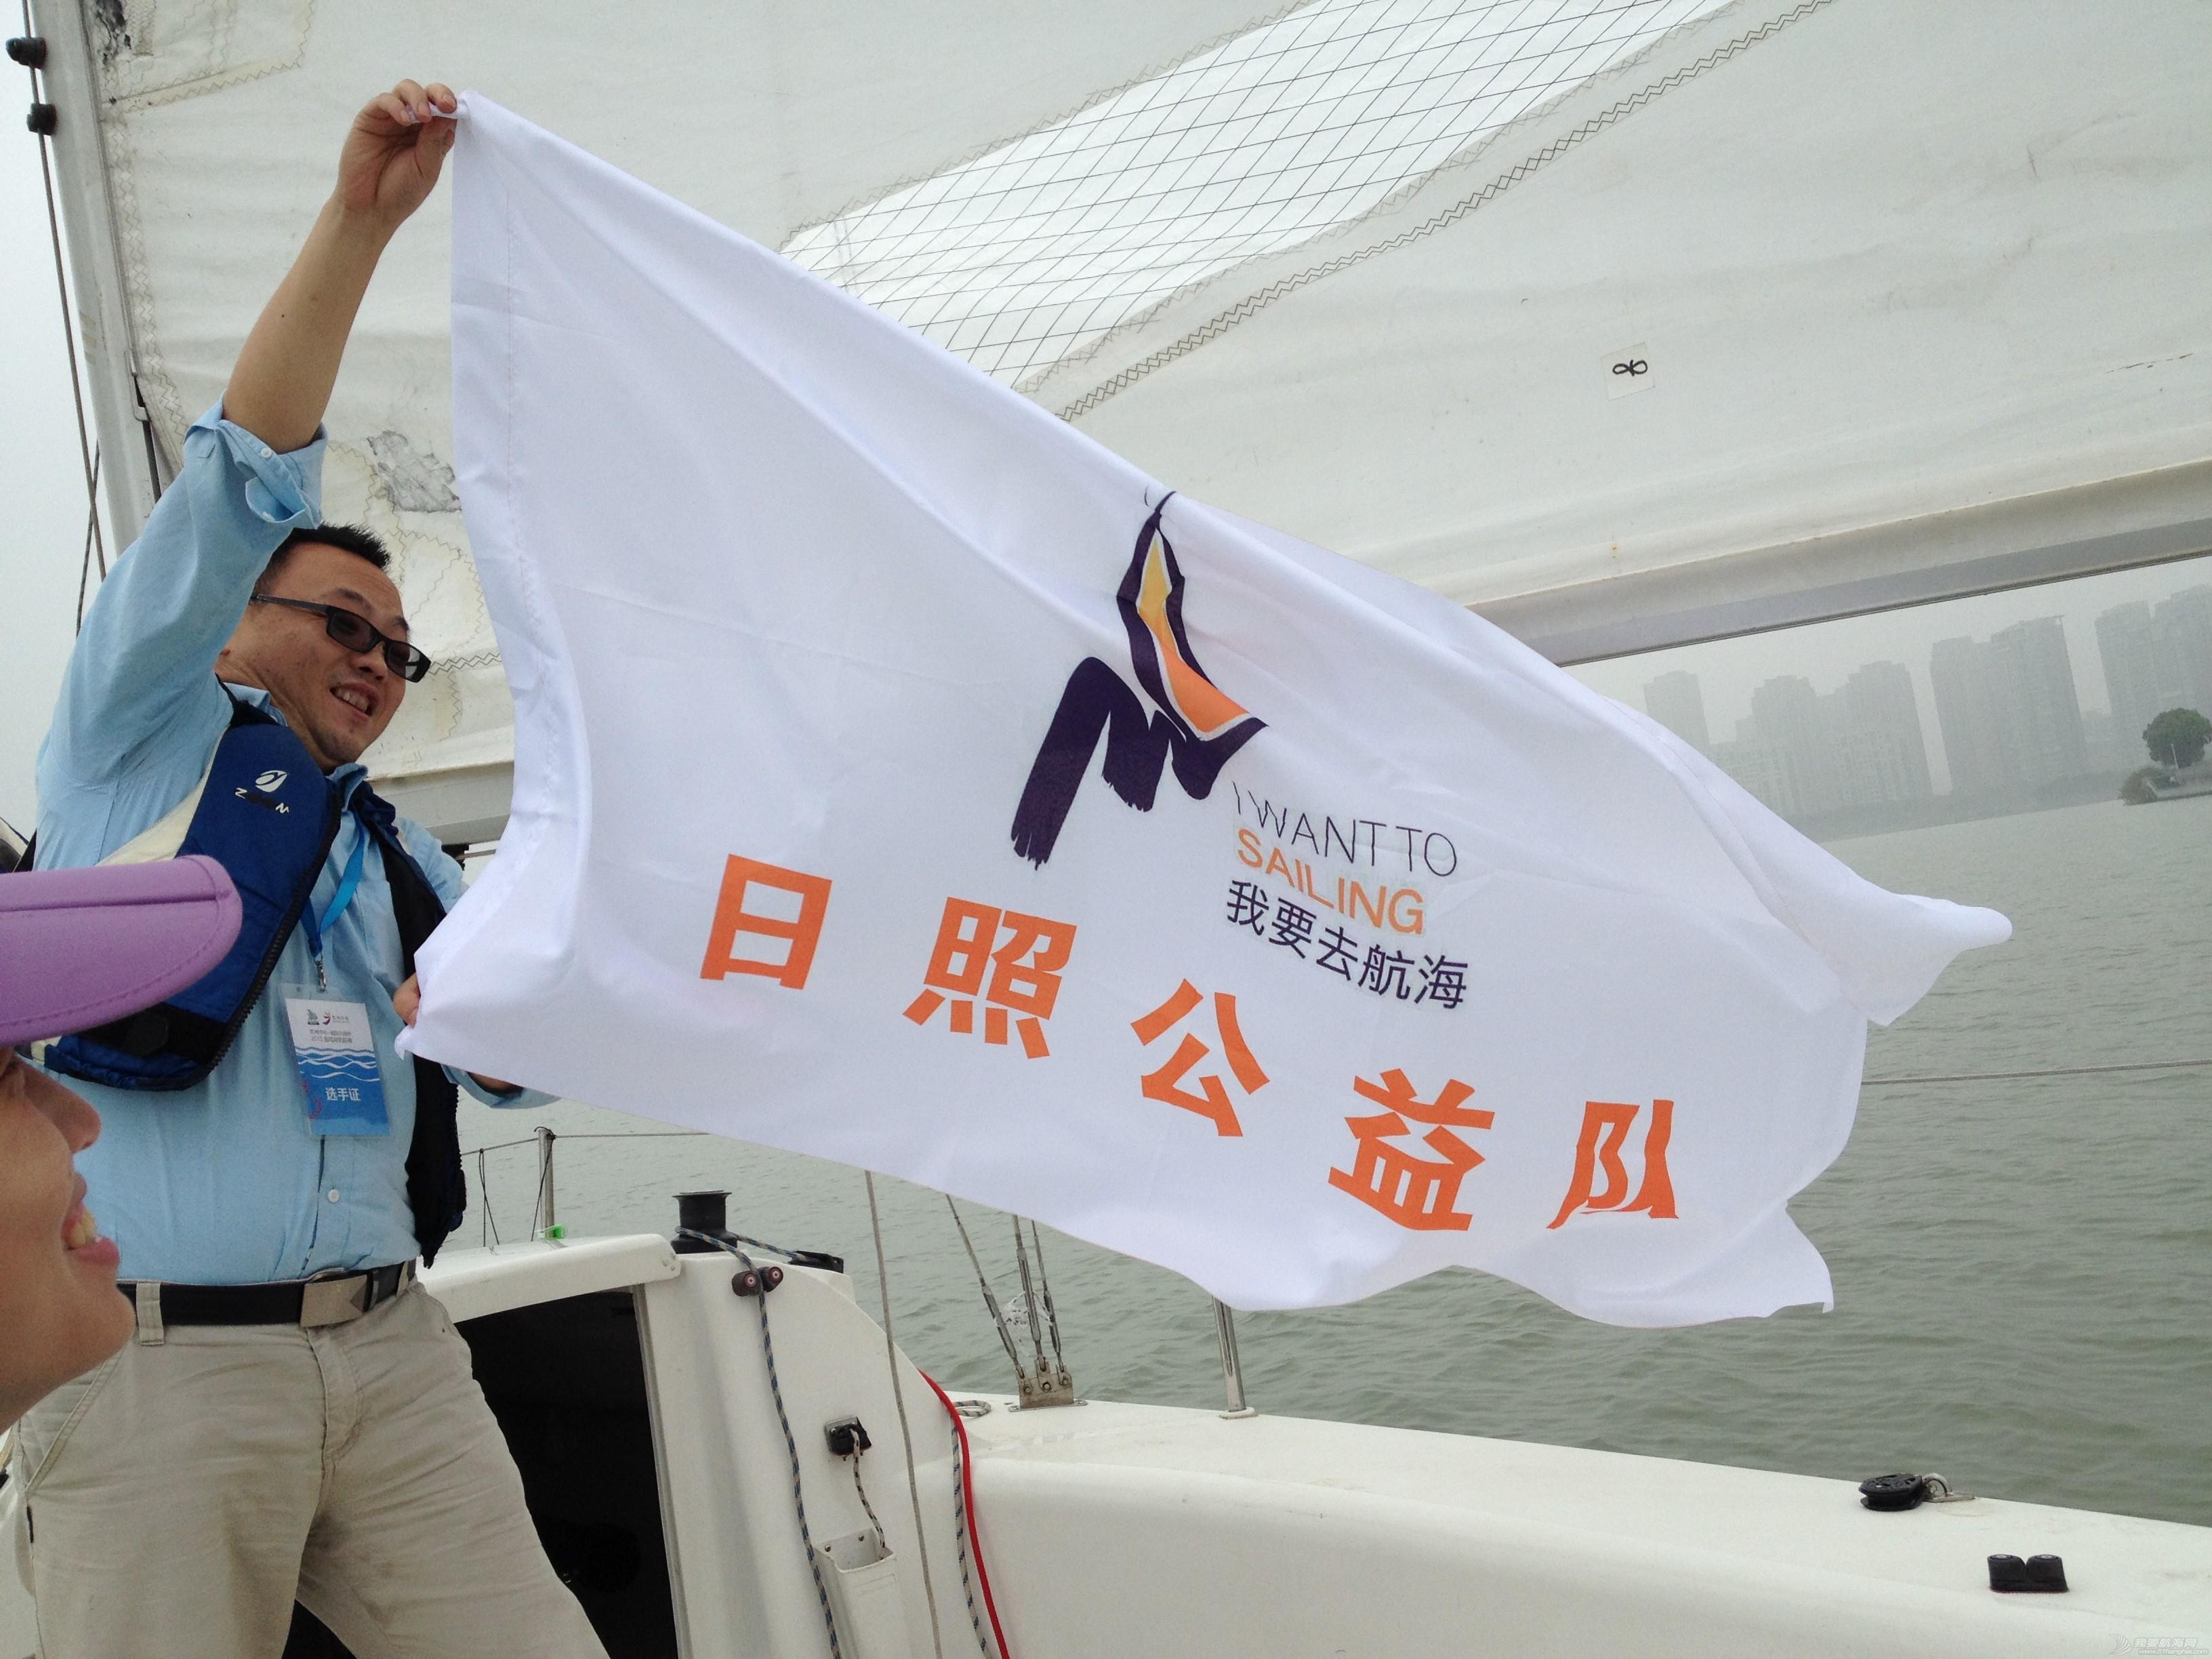 金鸡,苏州 苏州金鸡湖帆船赛-我的处女赛 IMG_2574.JPG